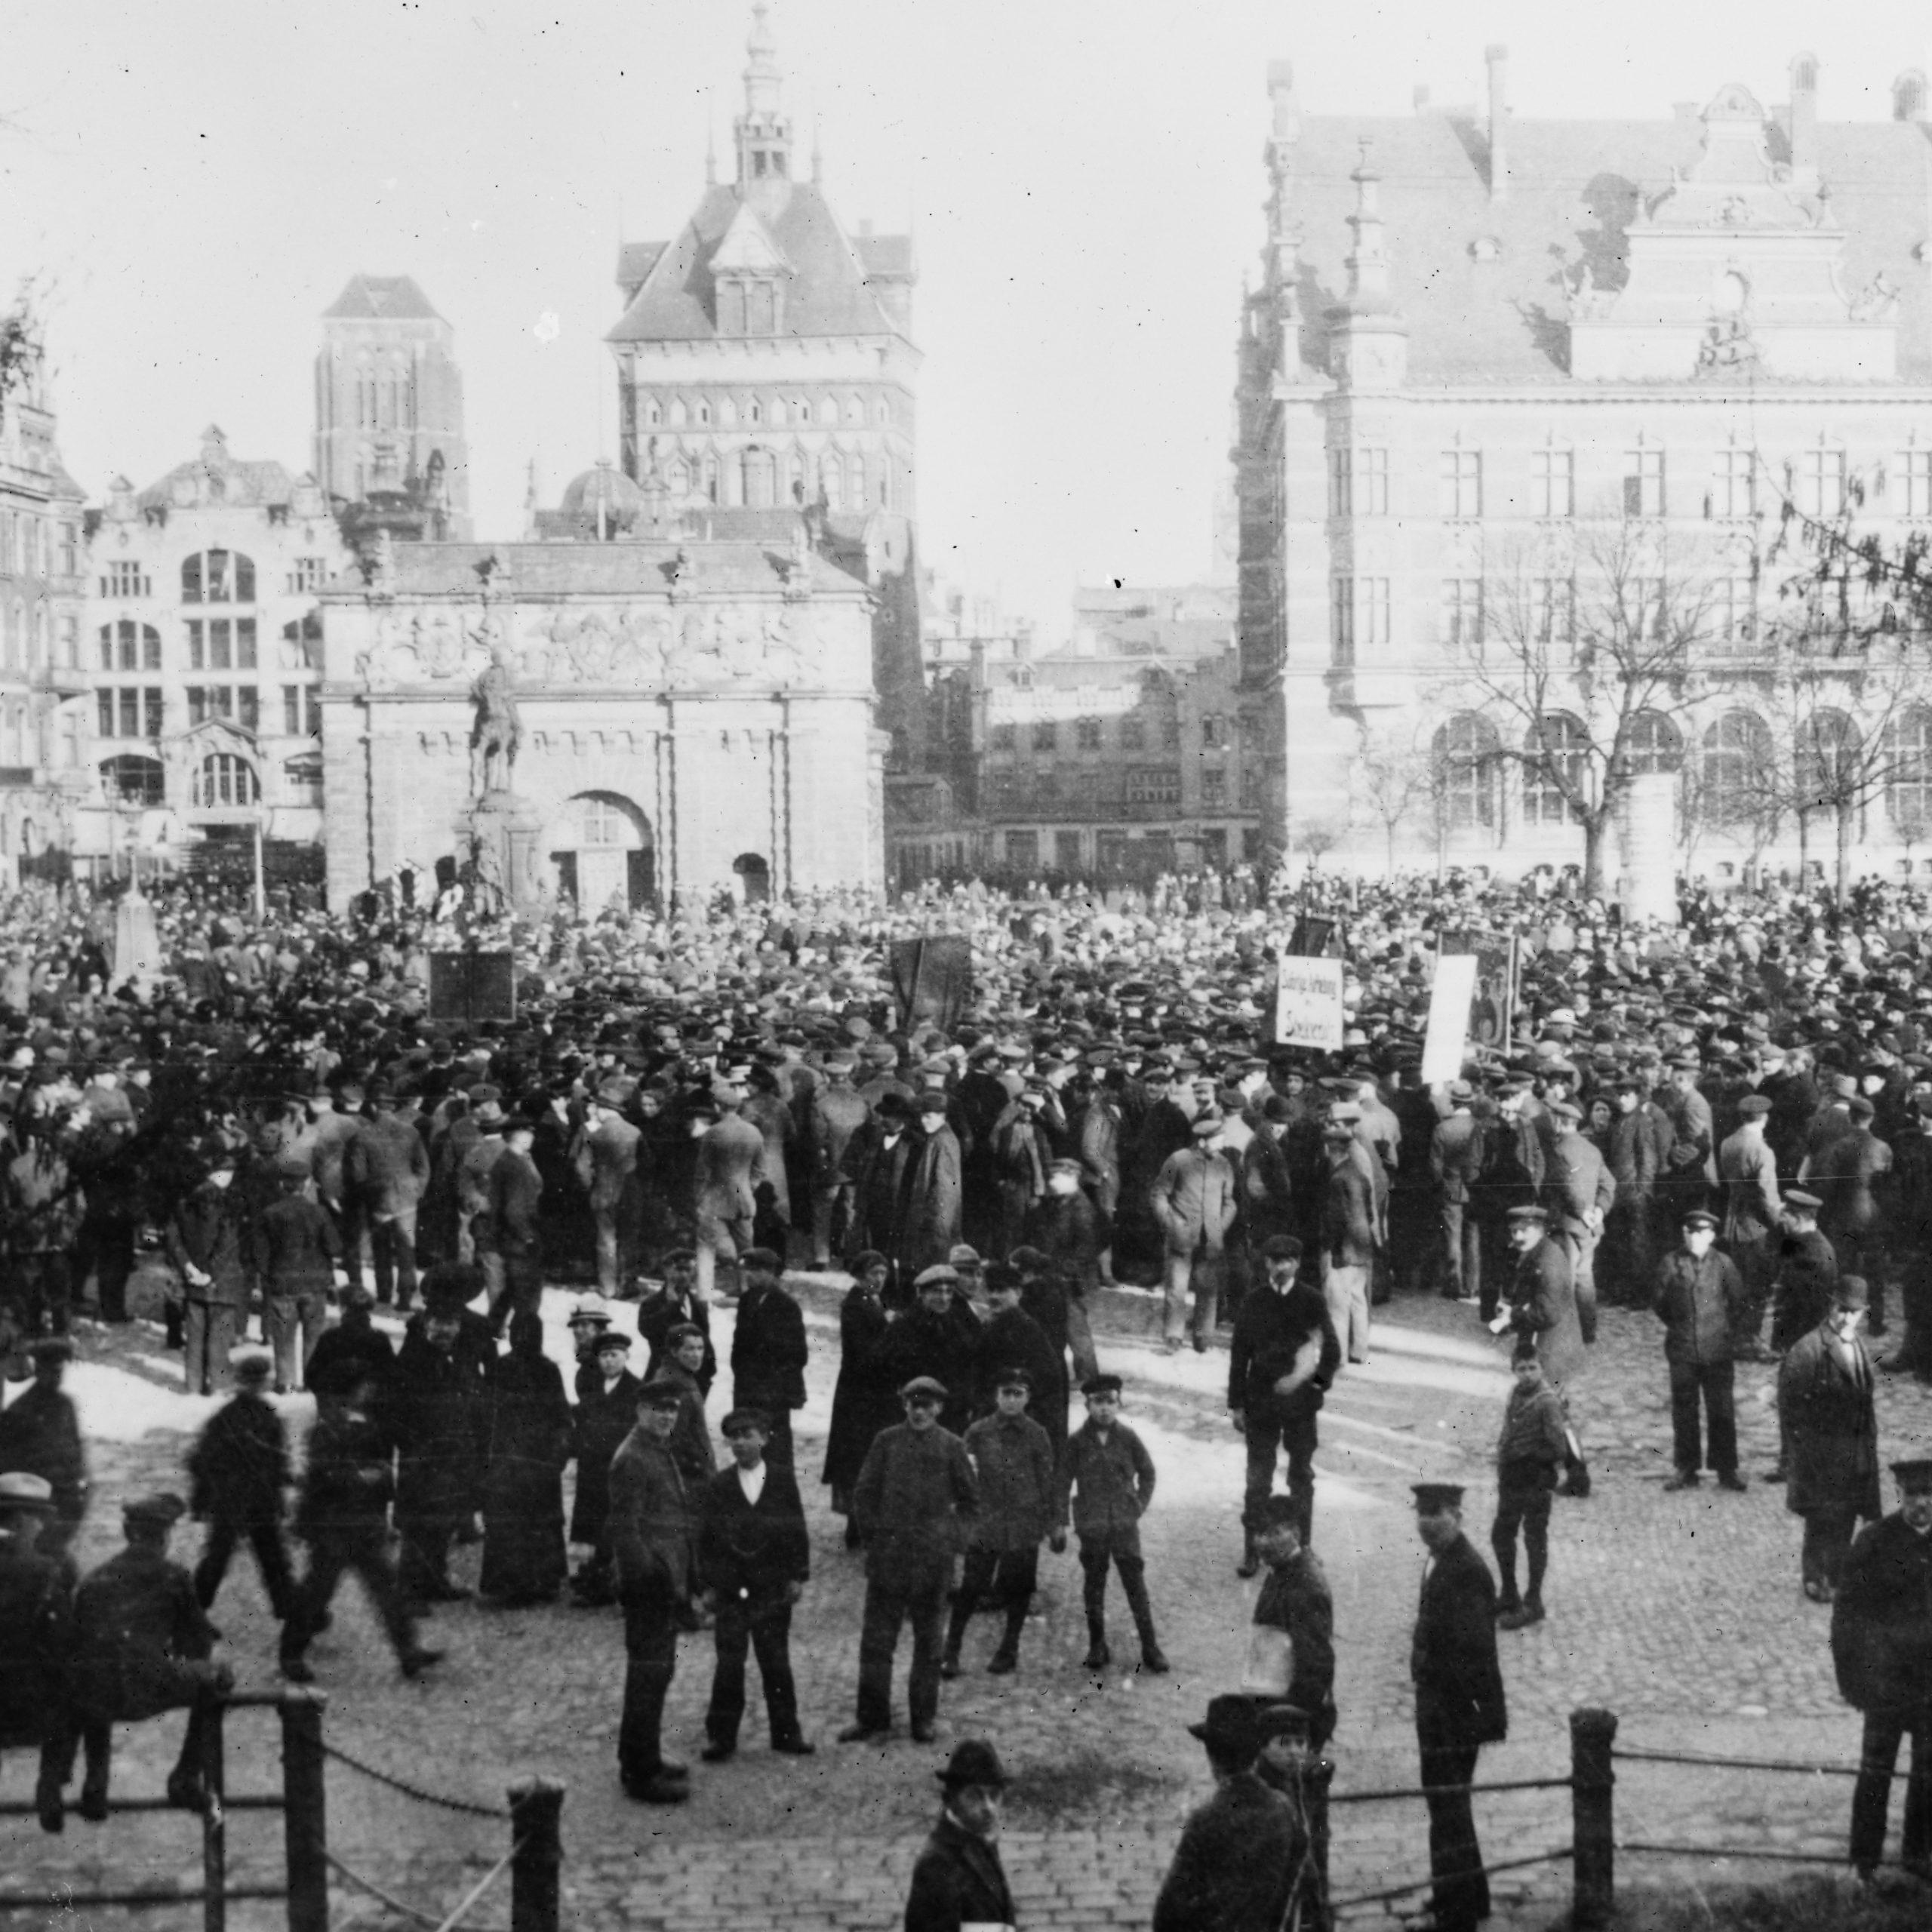 tłum ludzi przed bramą wyżynną i budynkiem banku w Gdańsku